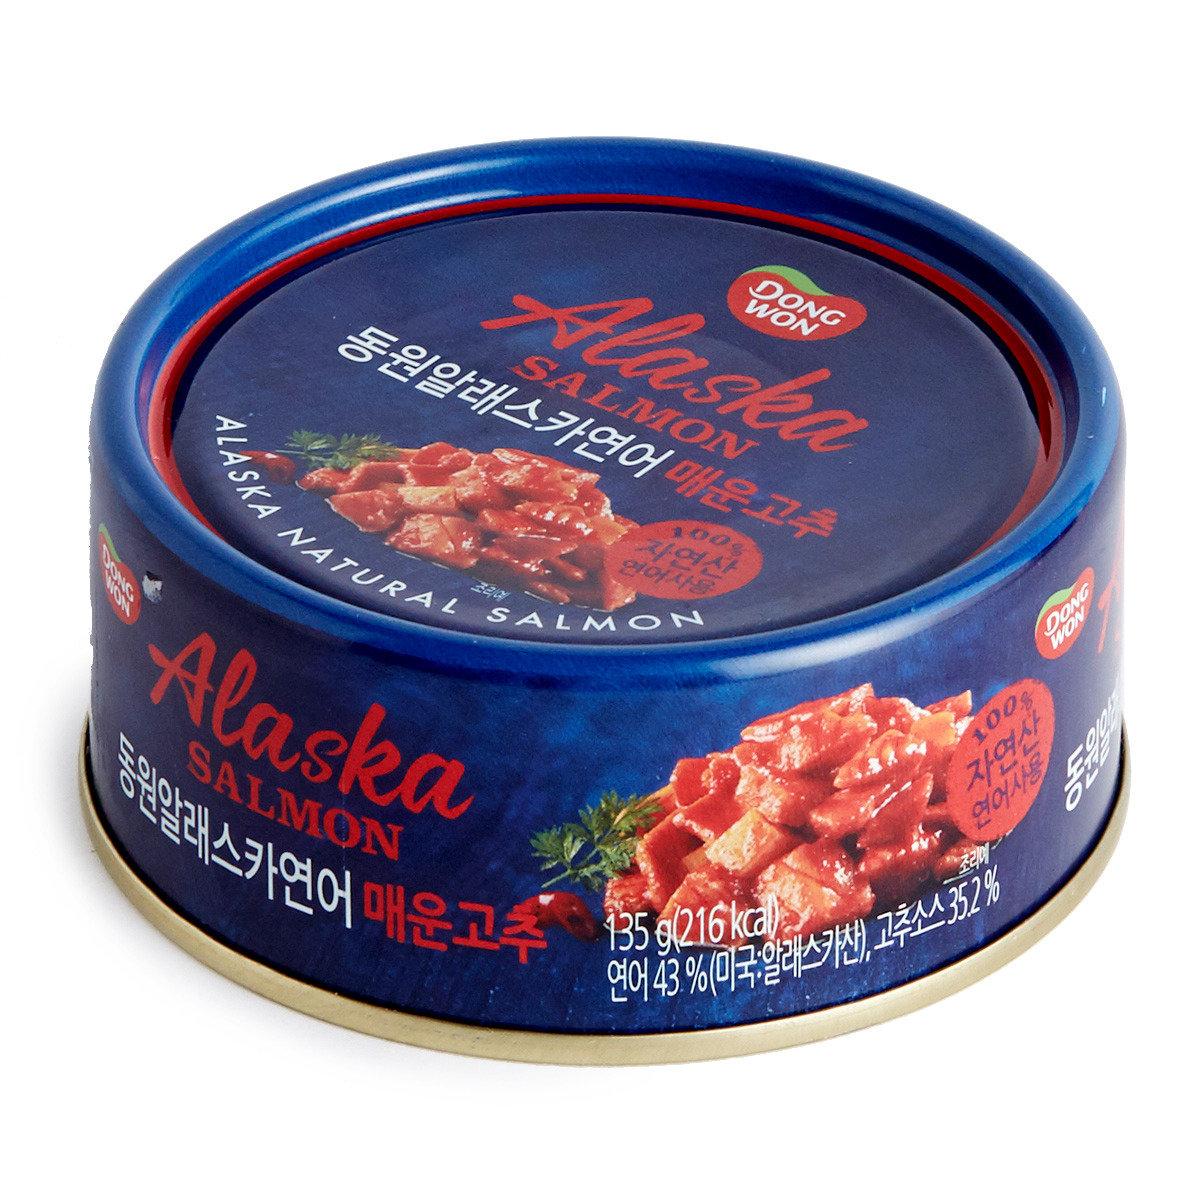 芥花籽油三文魚 - 辣味